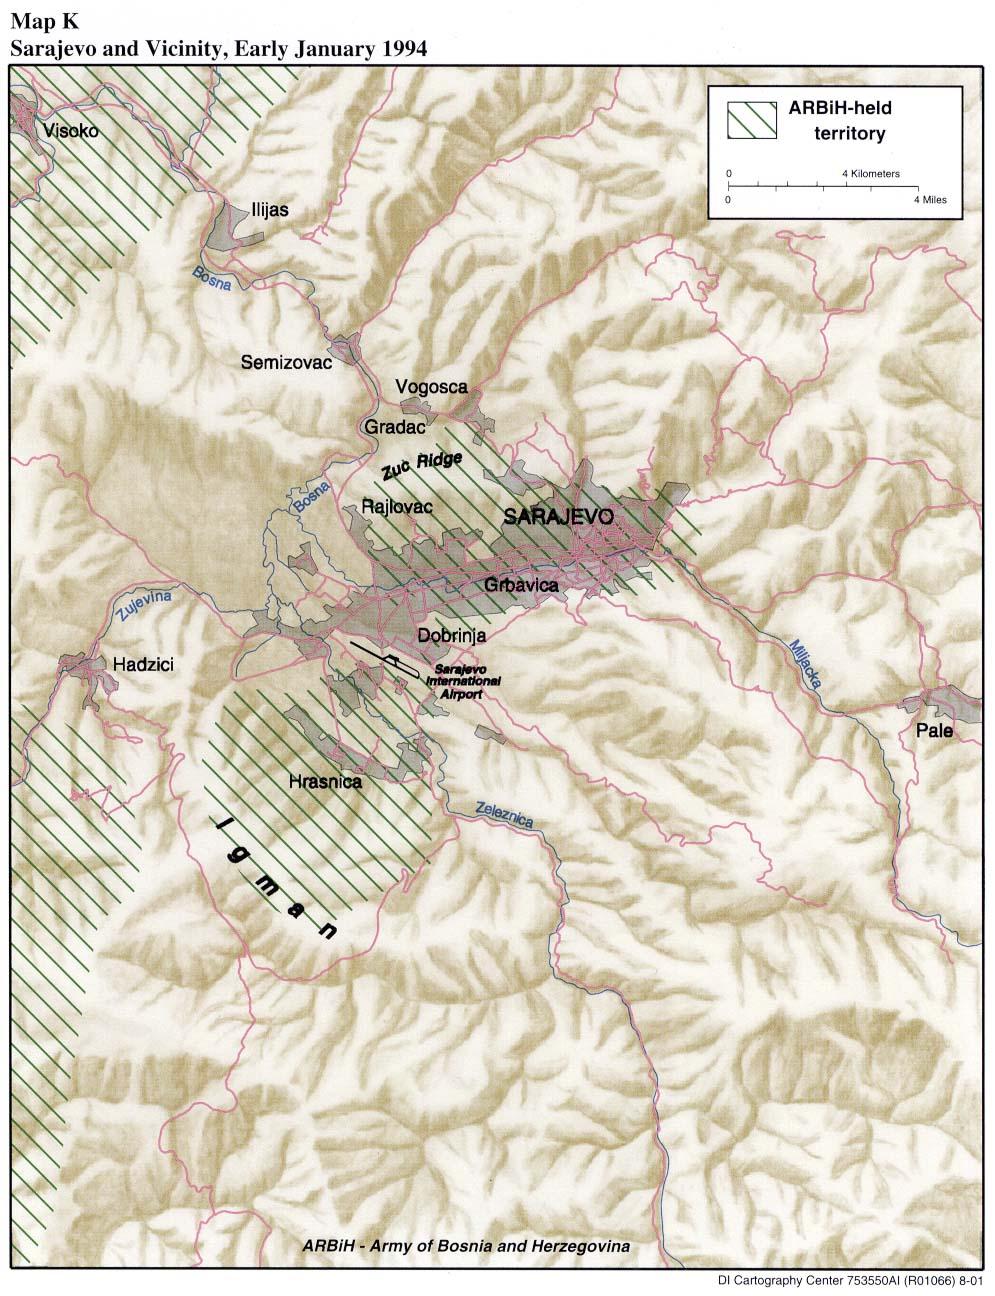 Mapa de las Cercanías de Sarajevo, Enero 1994